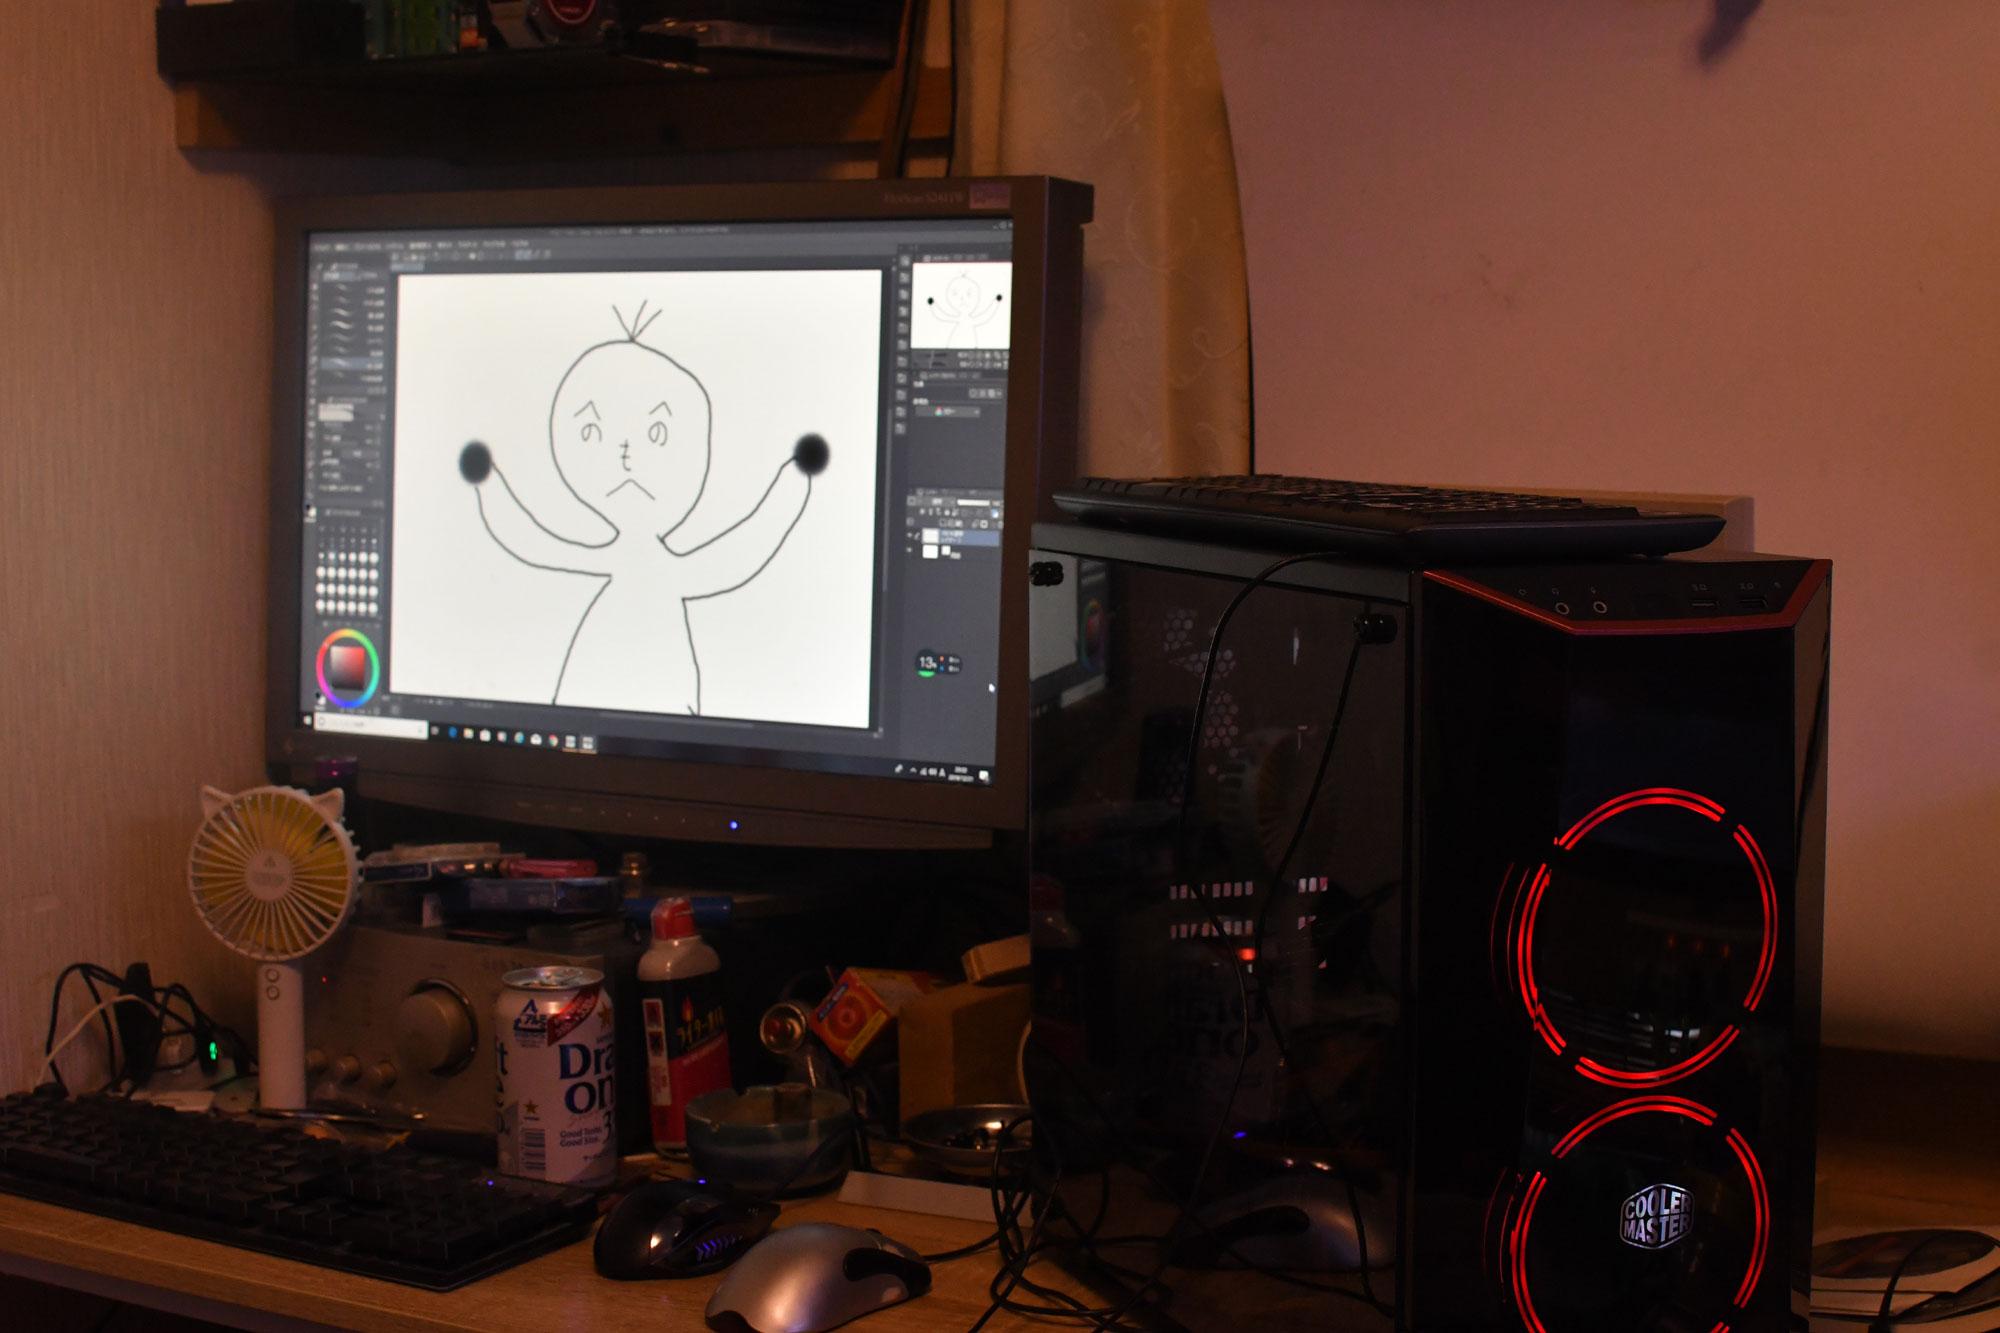 次女がお絵かき好きみたいなのでお絵かきソフト clip studio paint(クリスタ)を使えるようにしてみよう~。